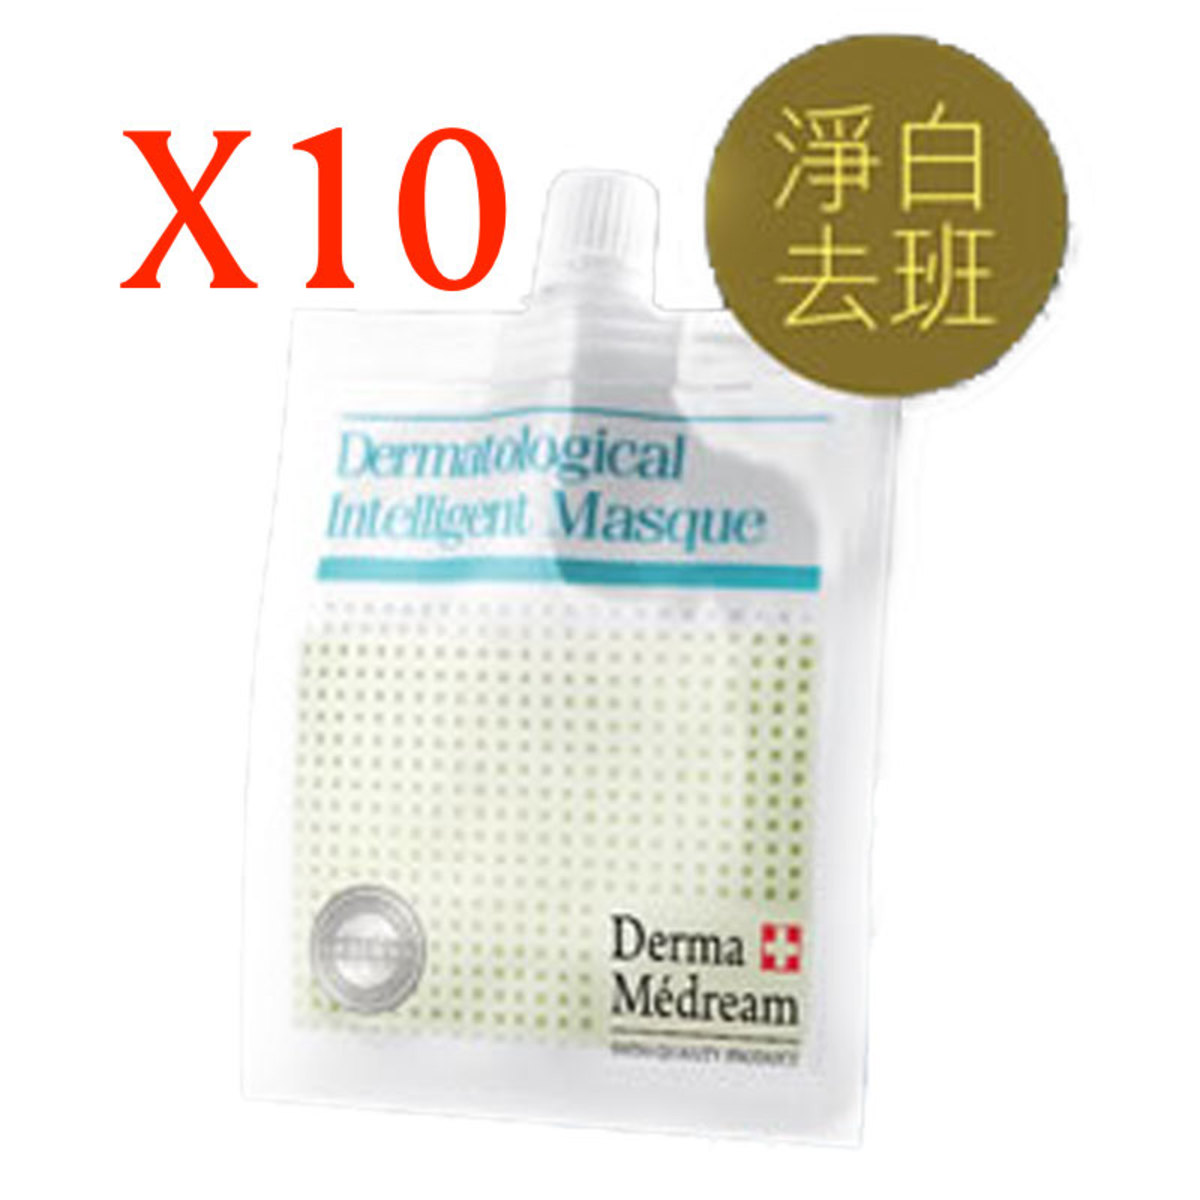 納米淨白去斑換白光滑凝膠膜 (升級版) 1盒10 包 30G